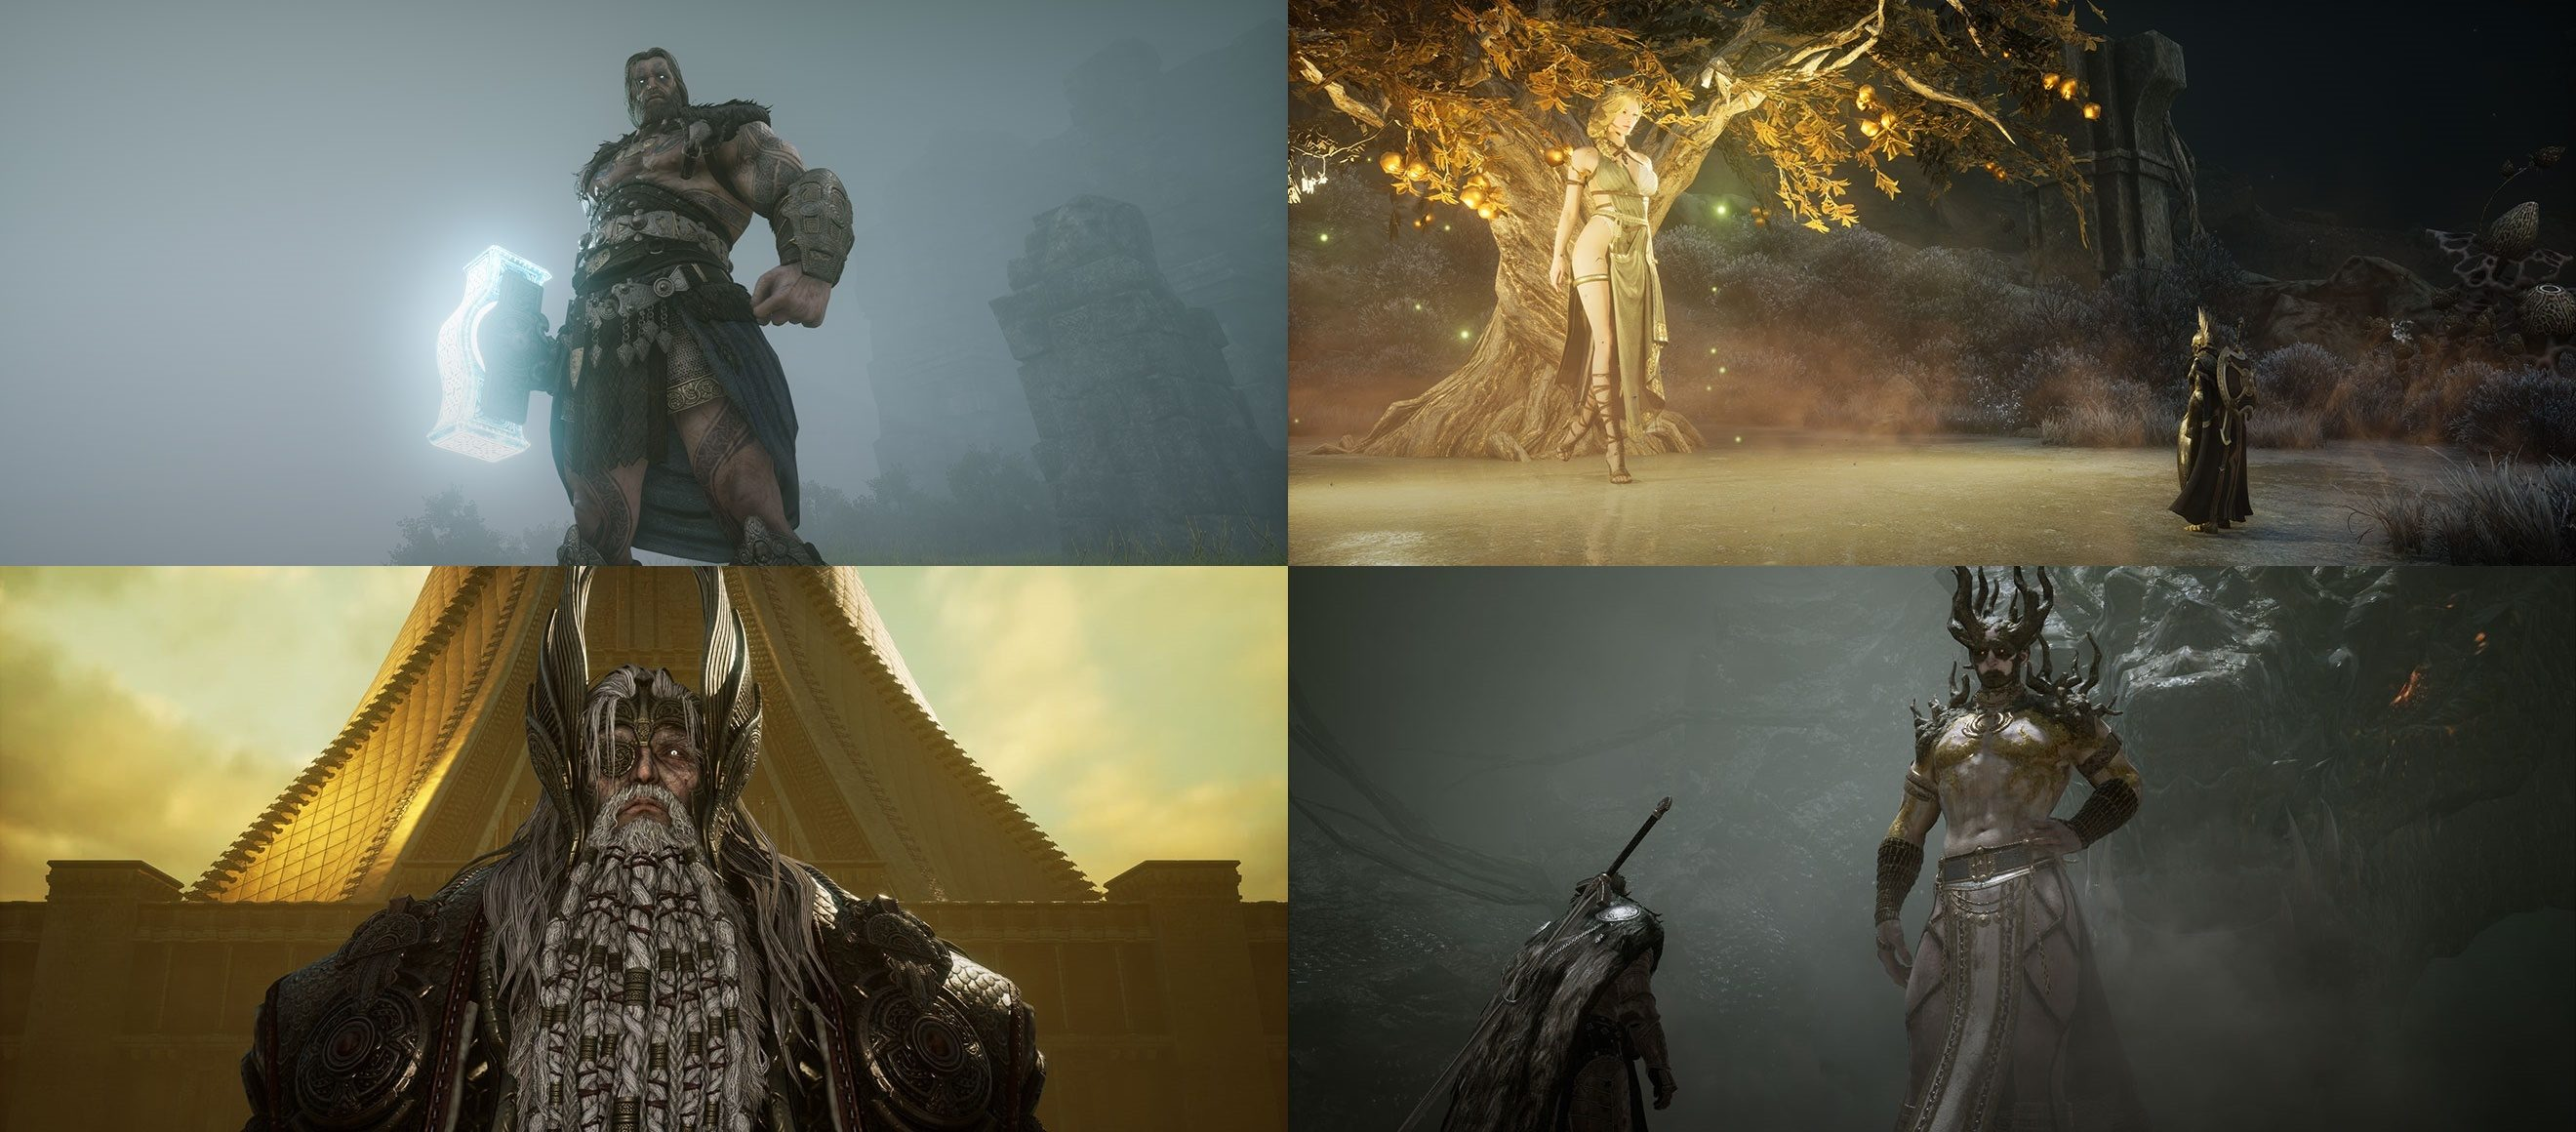 카카오게임즈의 상반기 기대작 오딘: 발할라 라이징, PC에서 미리 준비해봐요!